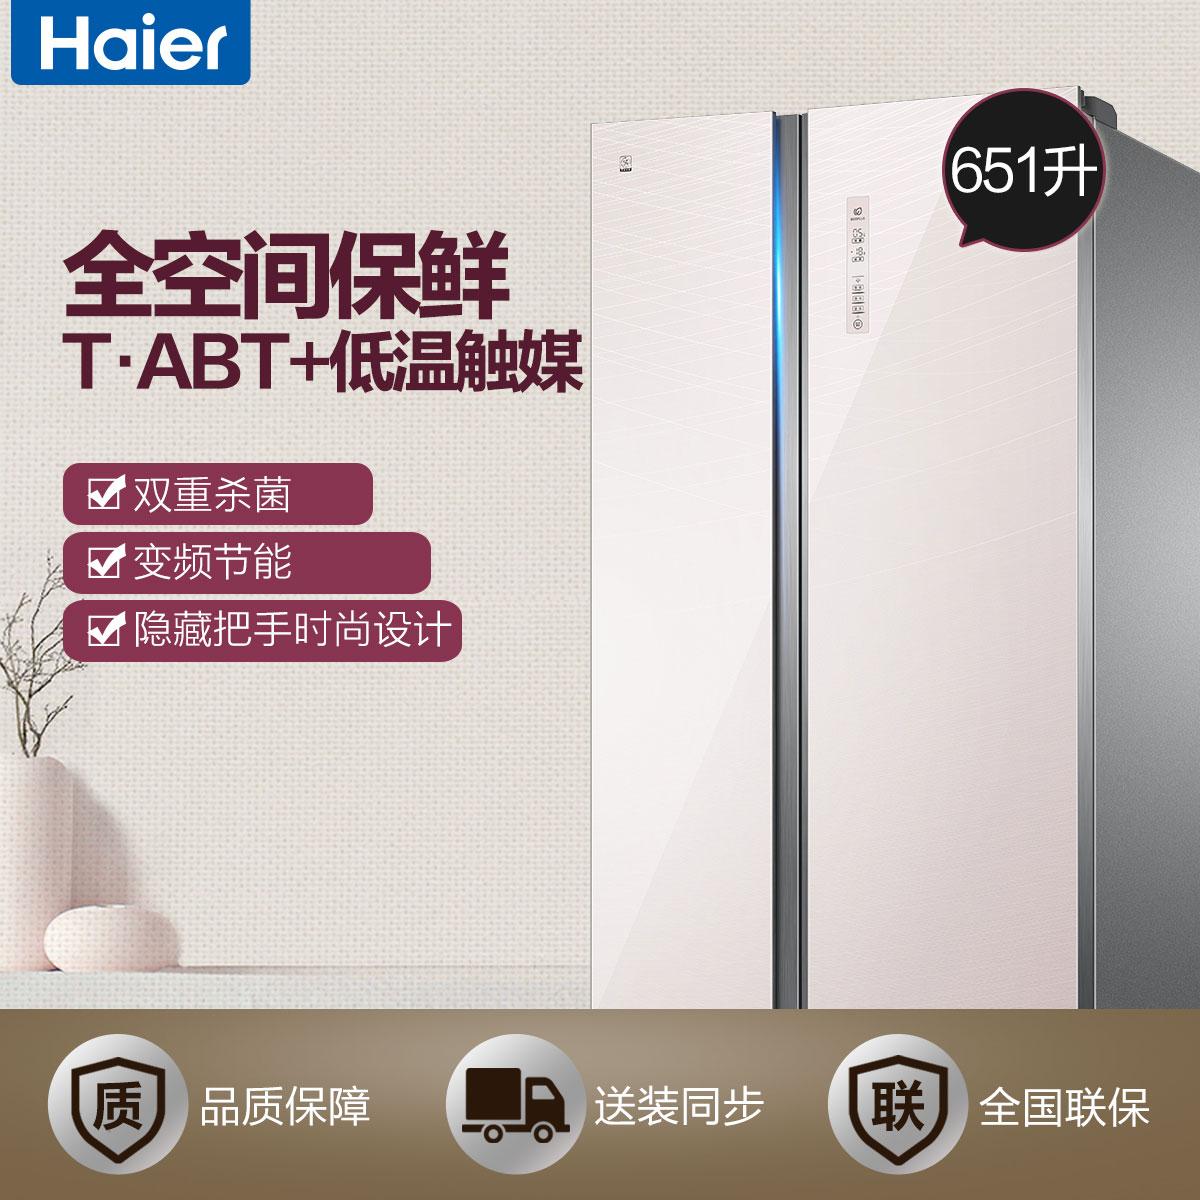 BCD-651WDEC 651升对开门双变频风冷无霜彩晶面板节能冰箱